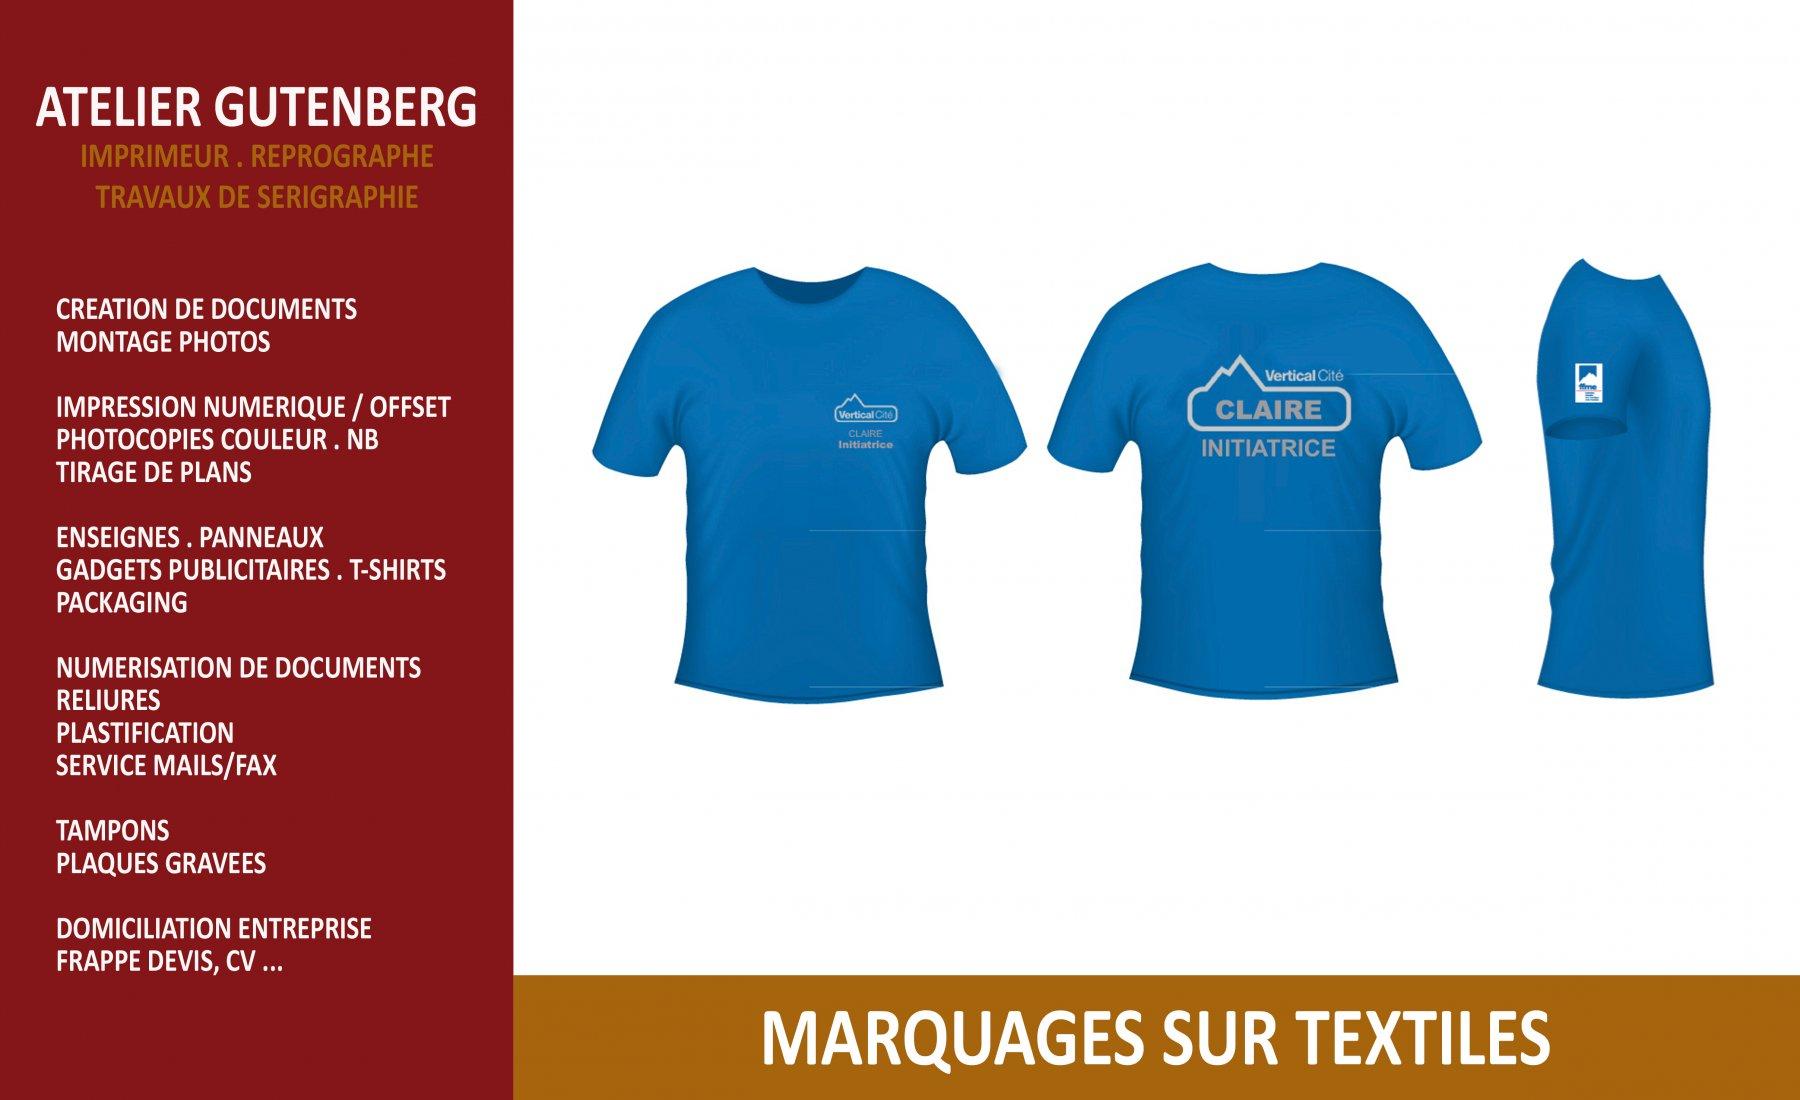 atelier gutenberg t-shirt bleu avec marquage coeur dos et manche